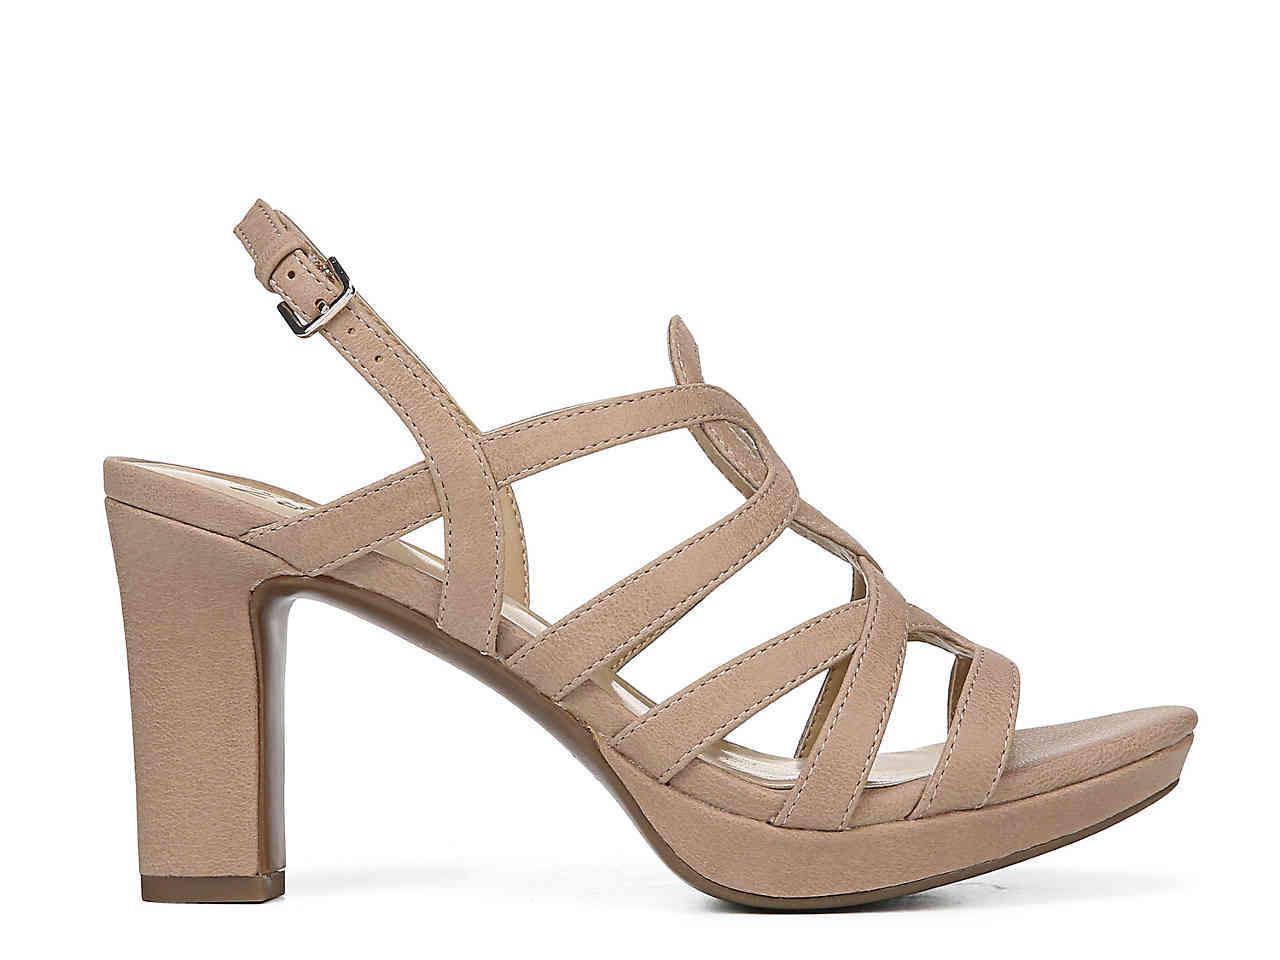 Naturalizer Cameron Platform Sandal in